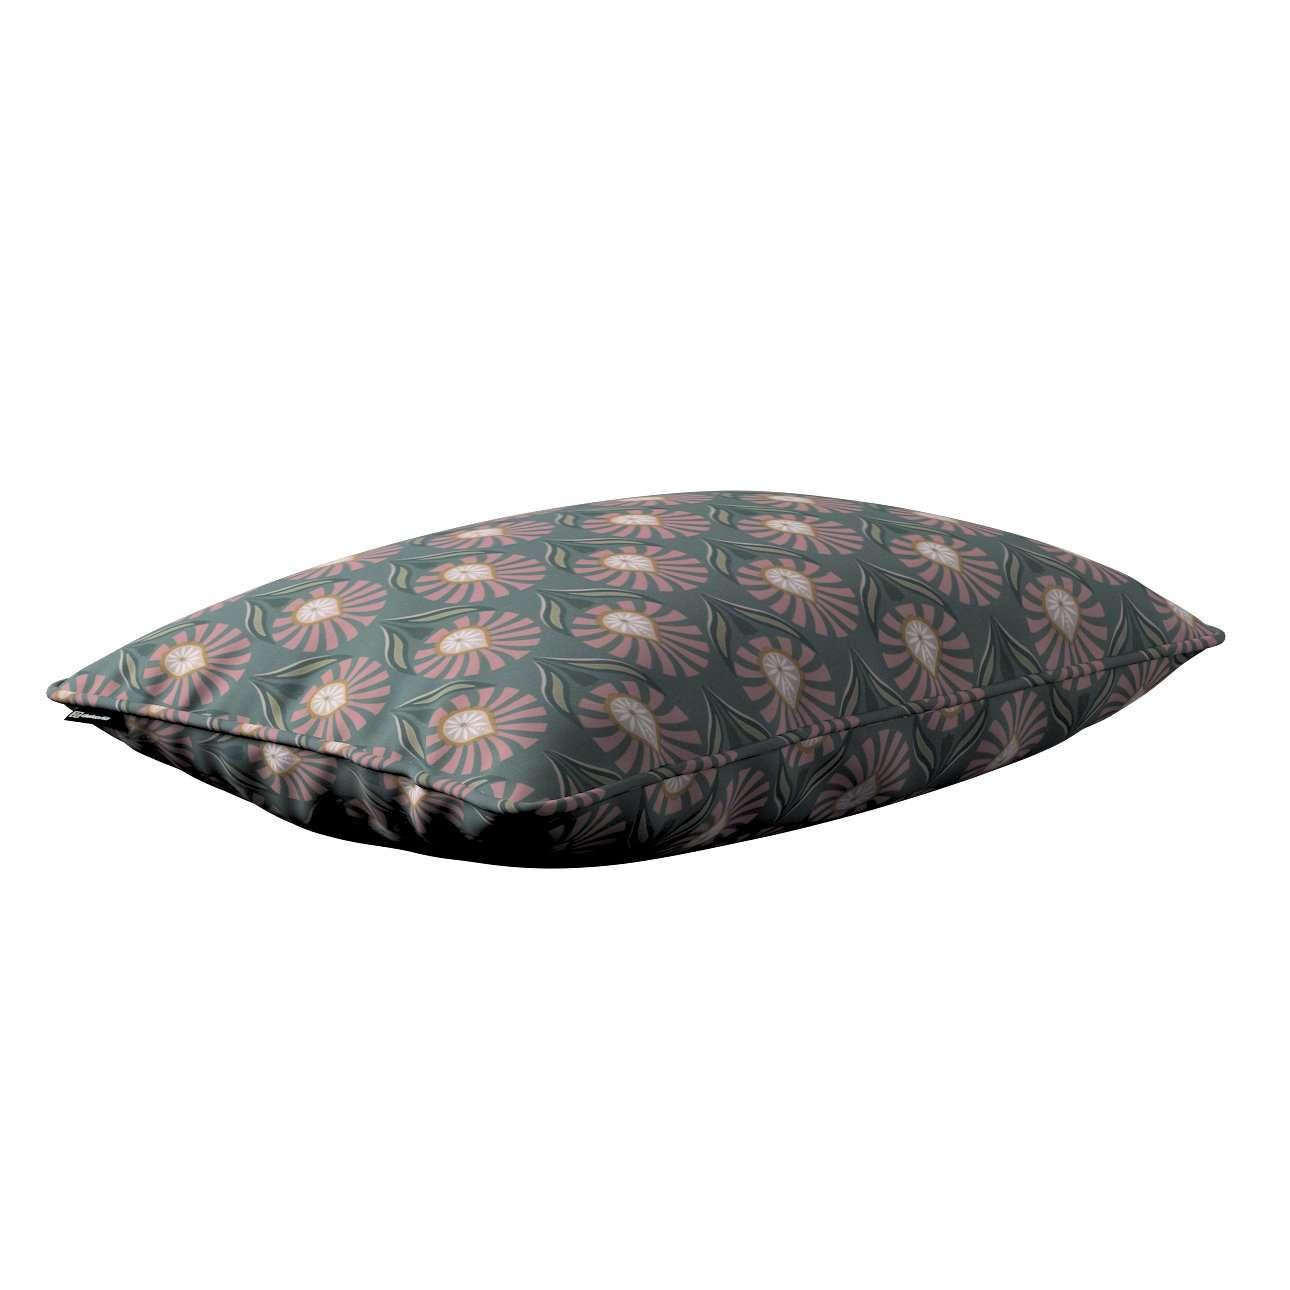 Gabi - potah na polštář šňůrka po obvodu obdélníkový v kolekci Gardenia, látka: 142-17